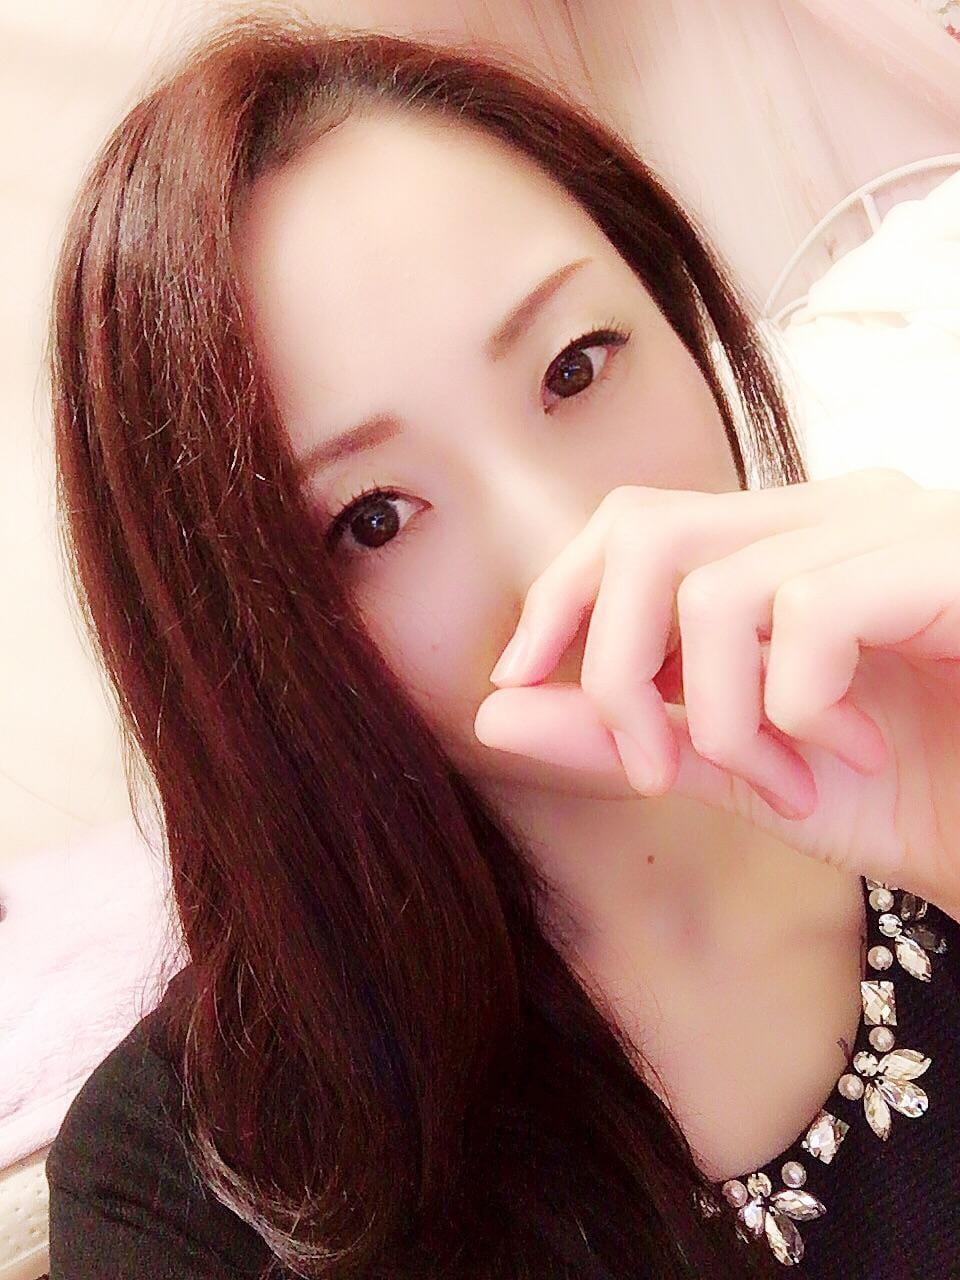 「私のイメージ?」06/08(06/08) 21:42 | 百花繚乱の写メ・風俗動画